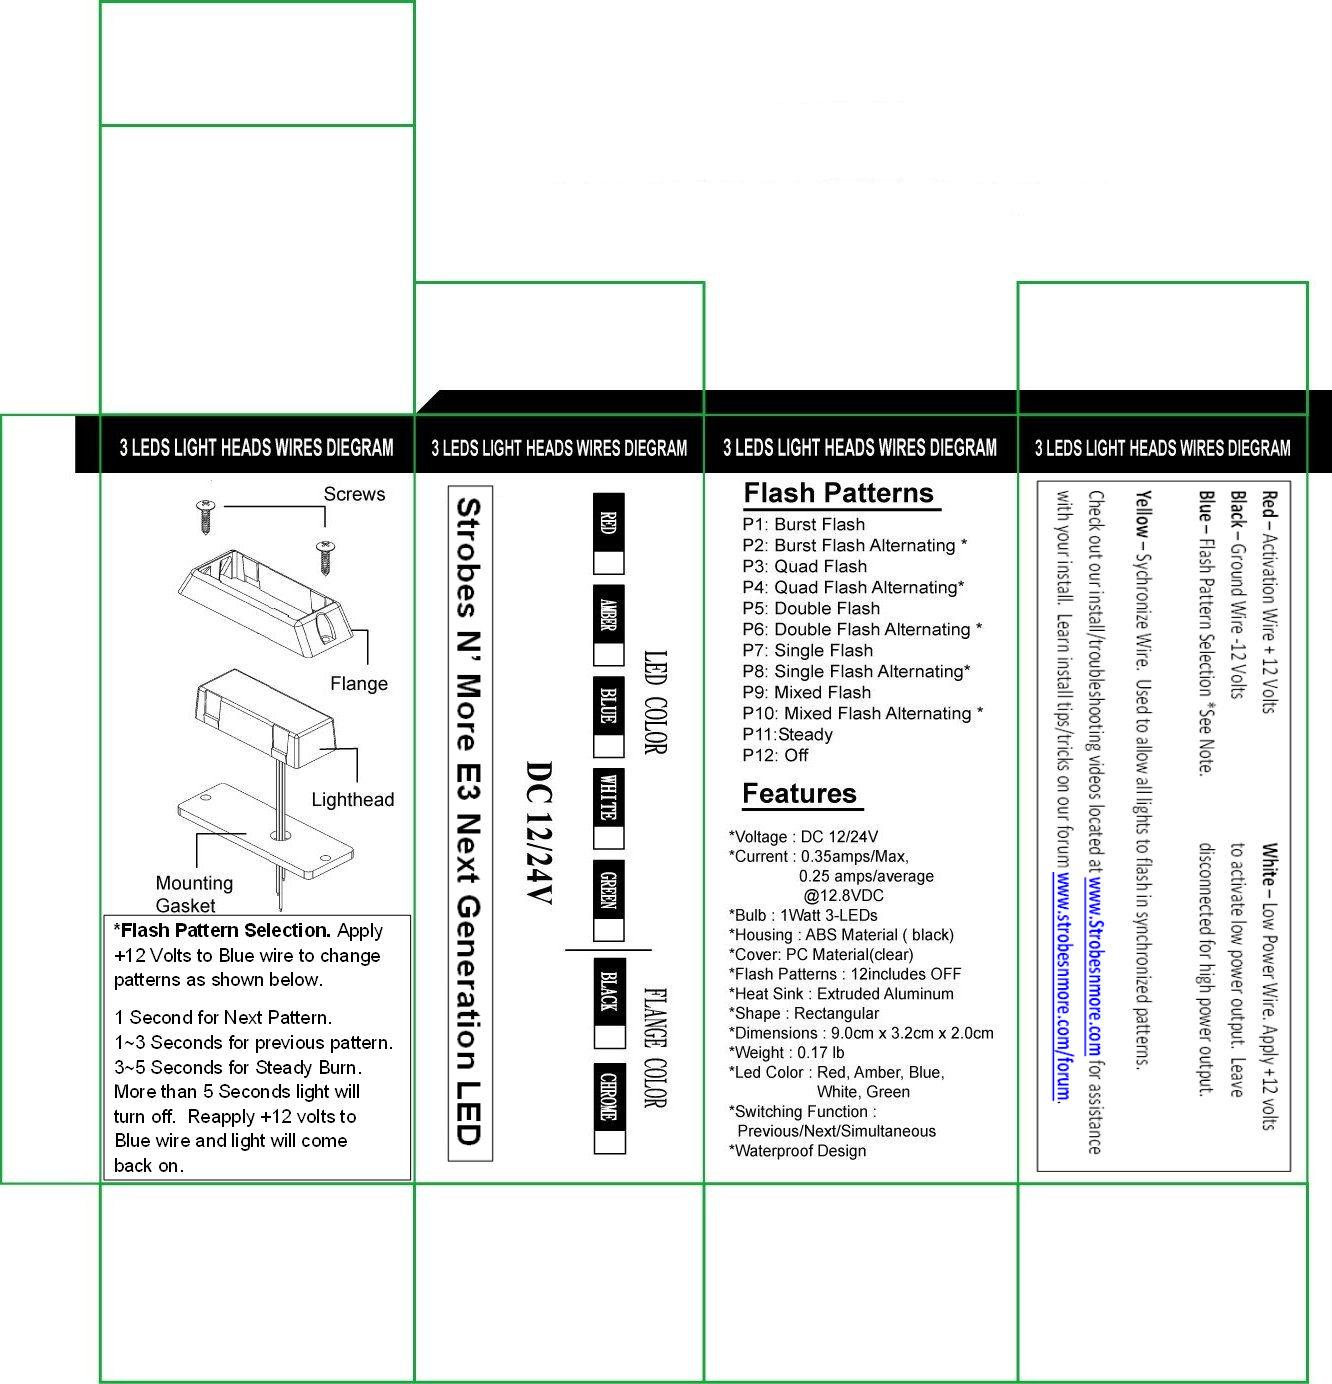 whelen light bar wiring diagram volkswagen jetta 2 5 engine 295hfsa1 switch box